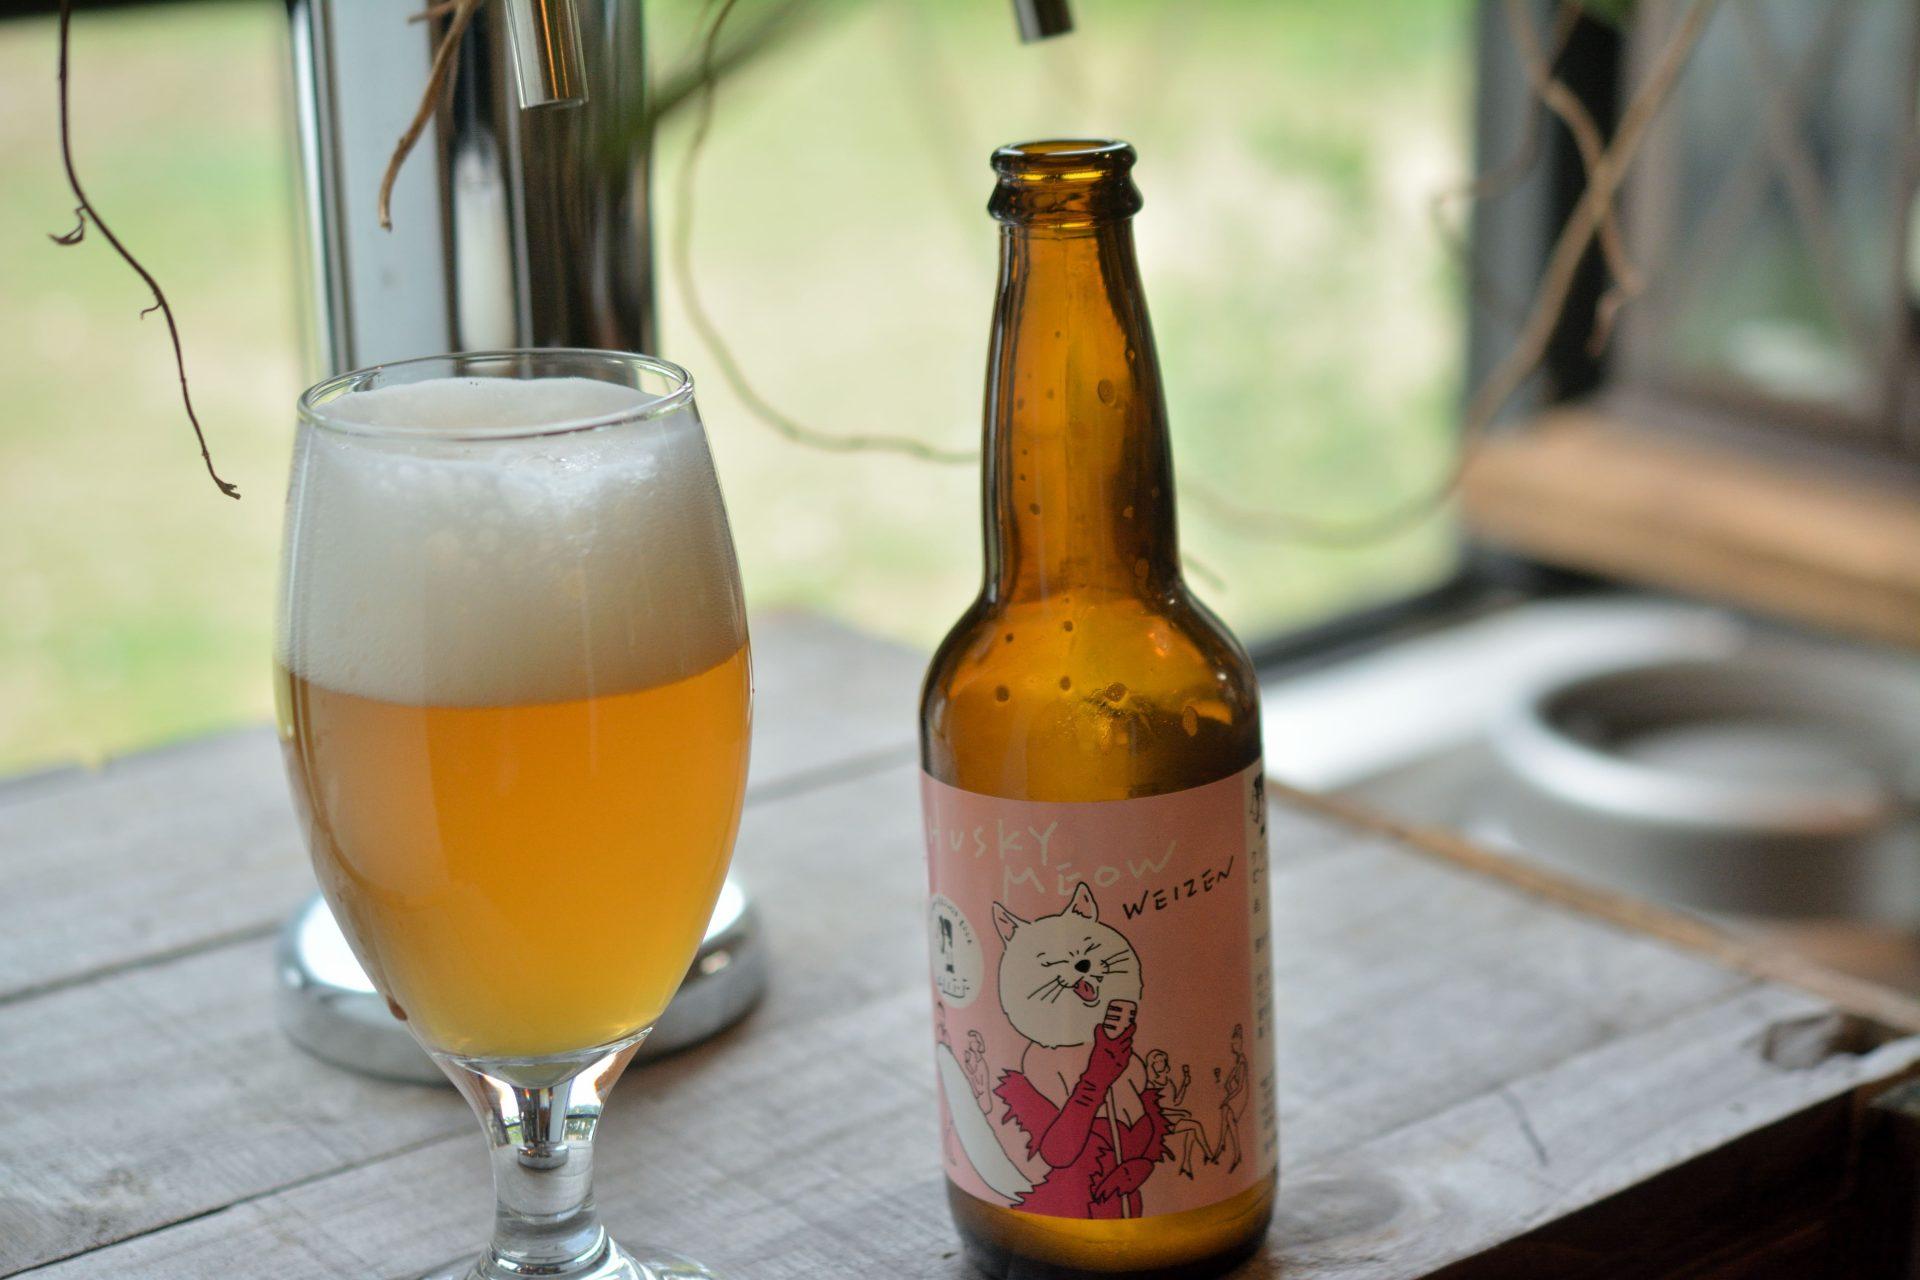 クリフビール クラフトビール 沖縄市 ヴァイツェン